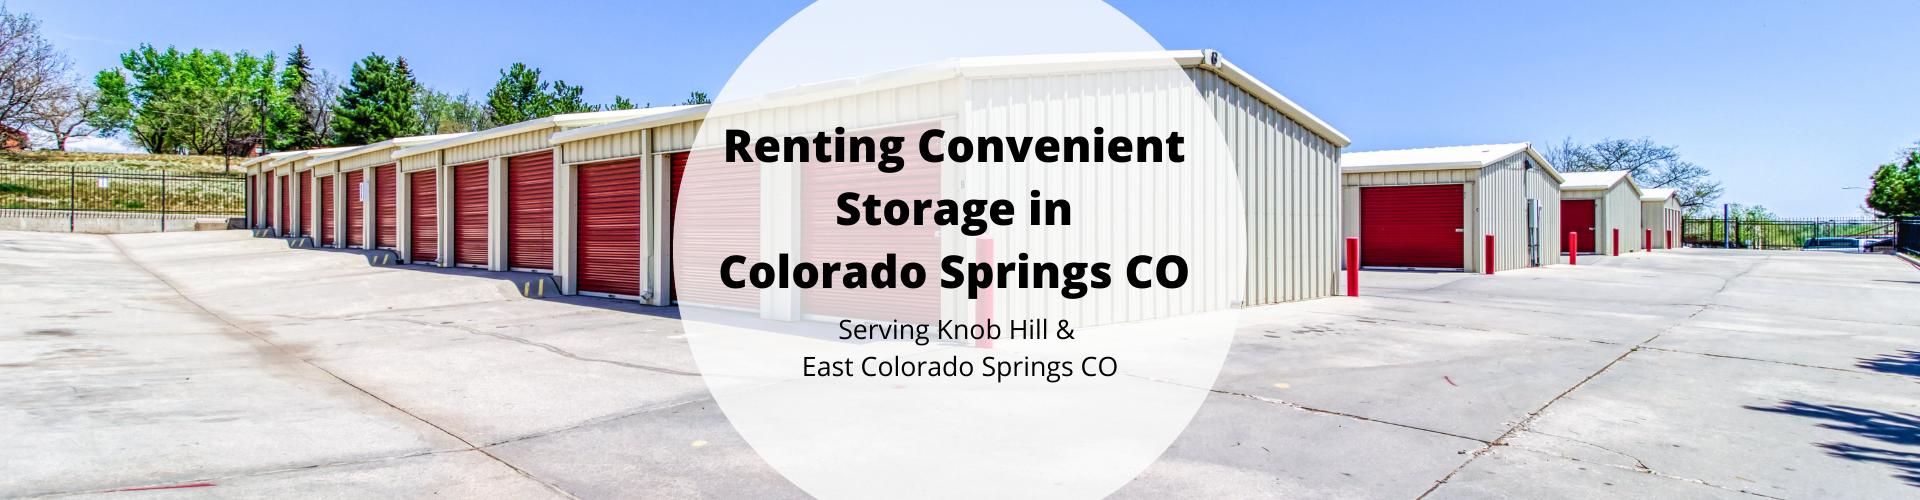 Storage in Colorado Springs CO